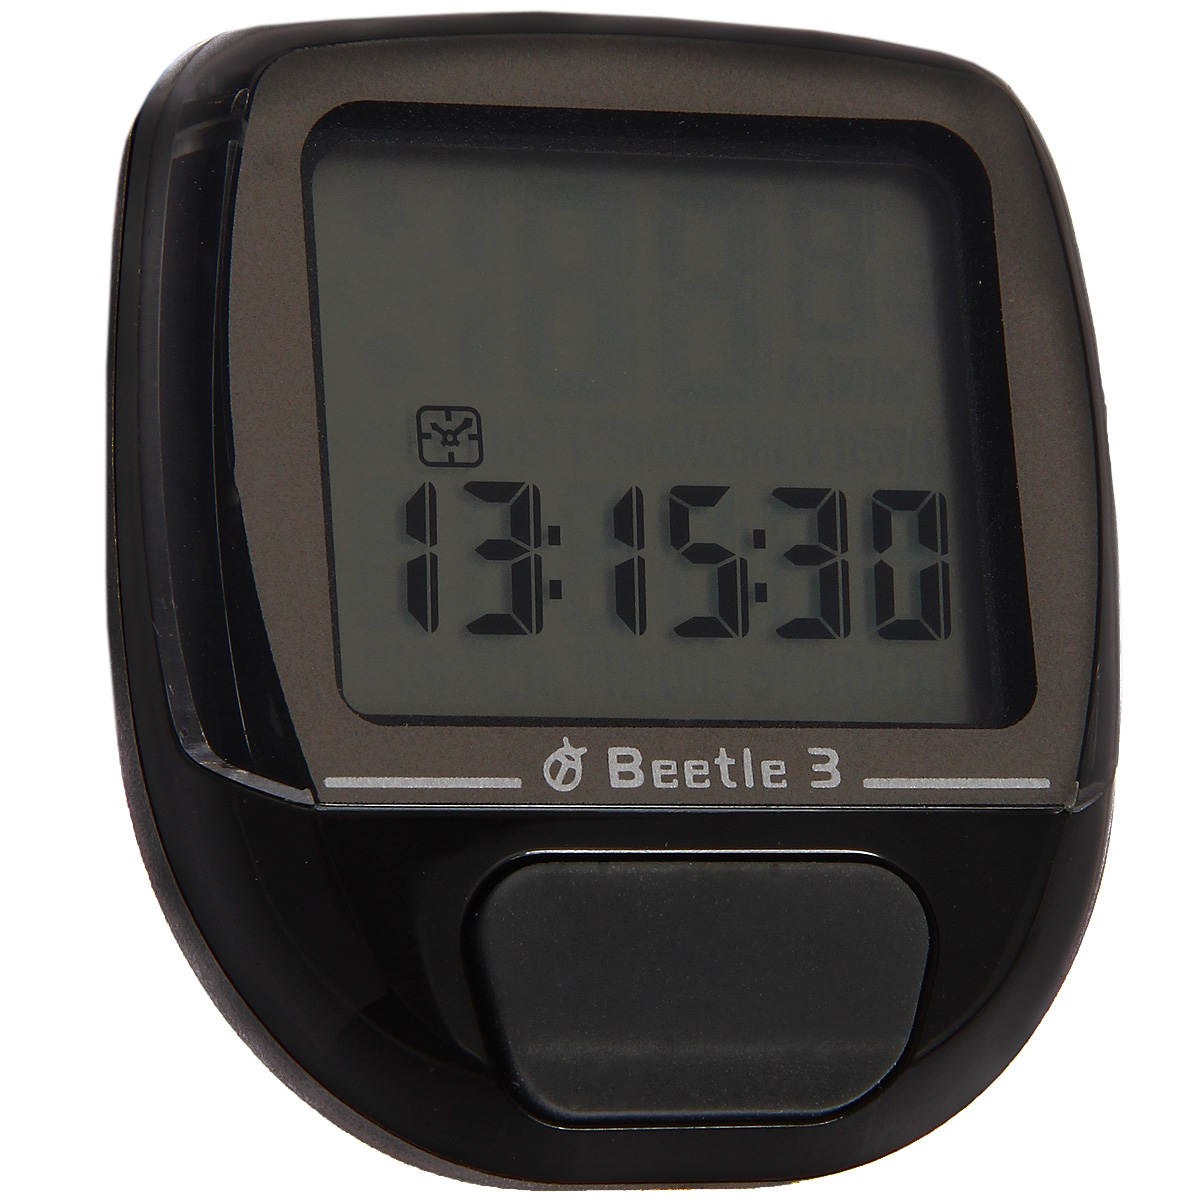 Велокомпьютер Beetle-3, 8 функций, цвет: черный велокомпьютер beetle 3 черный 060023